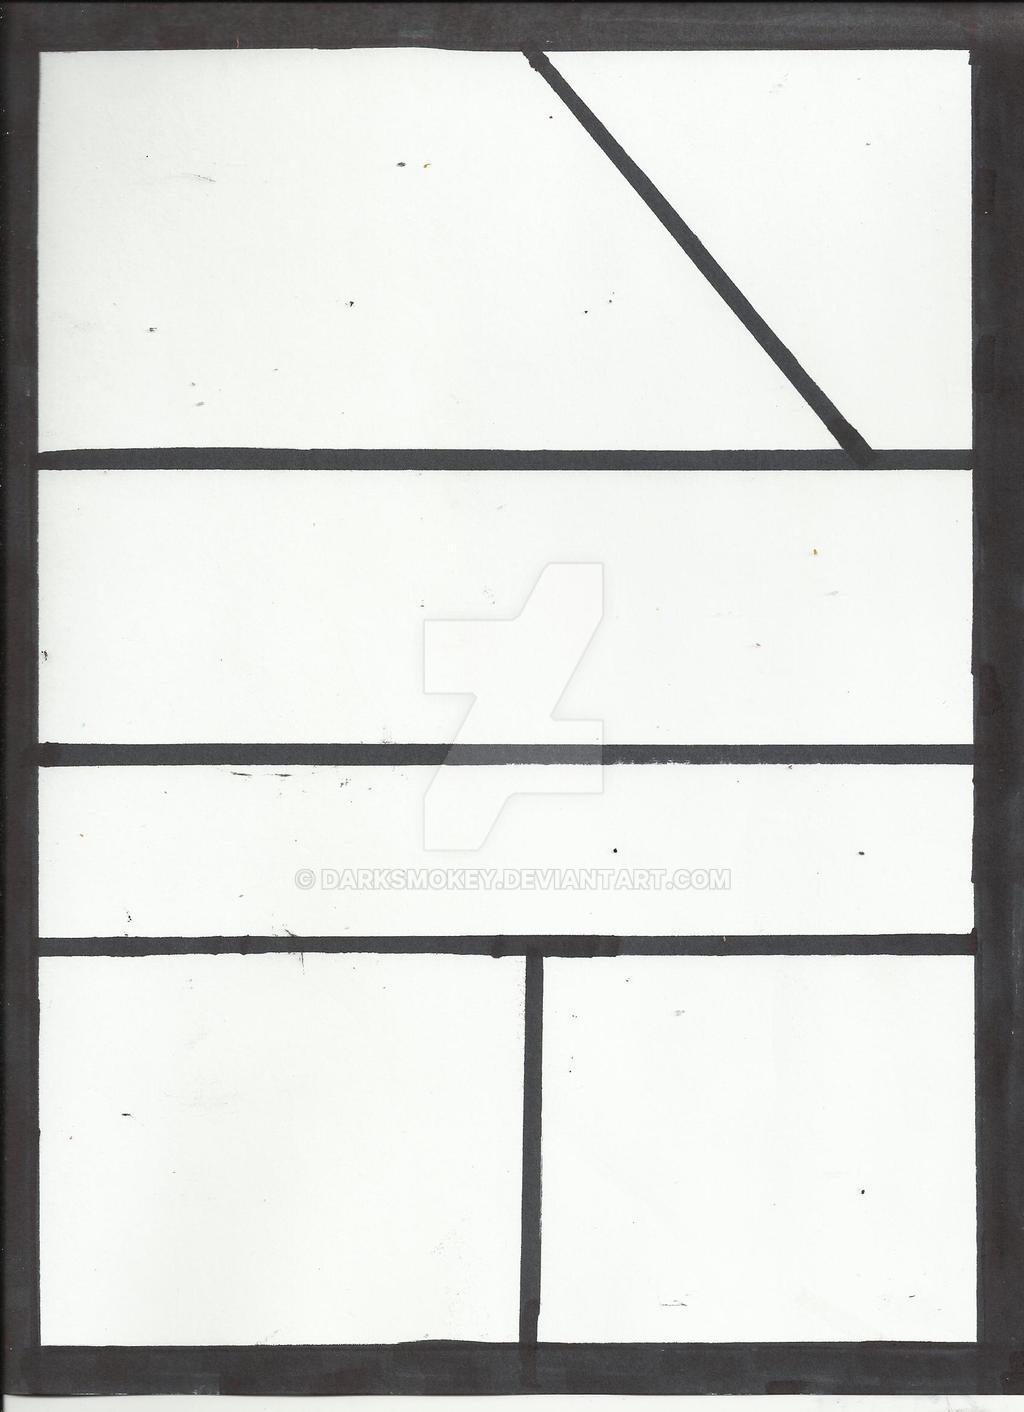 Empty Comic Strip Base By Darksmokey